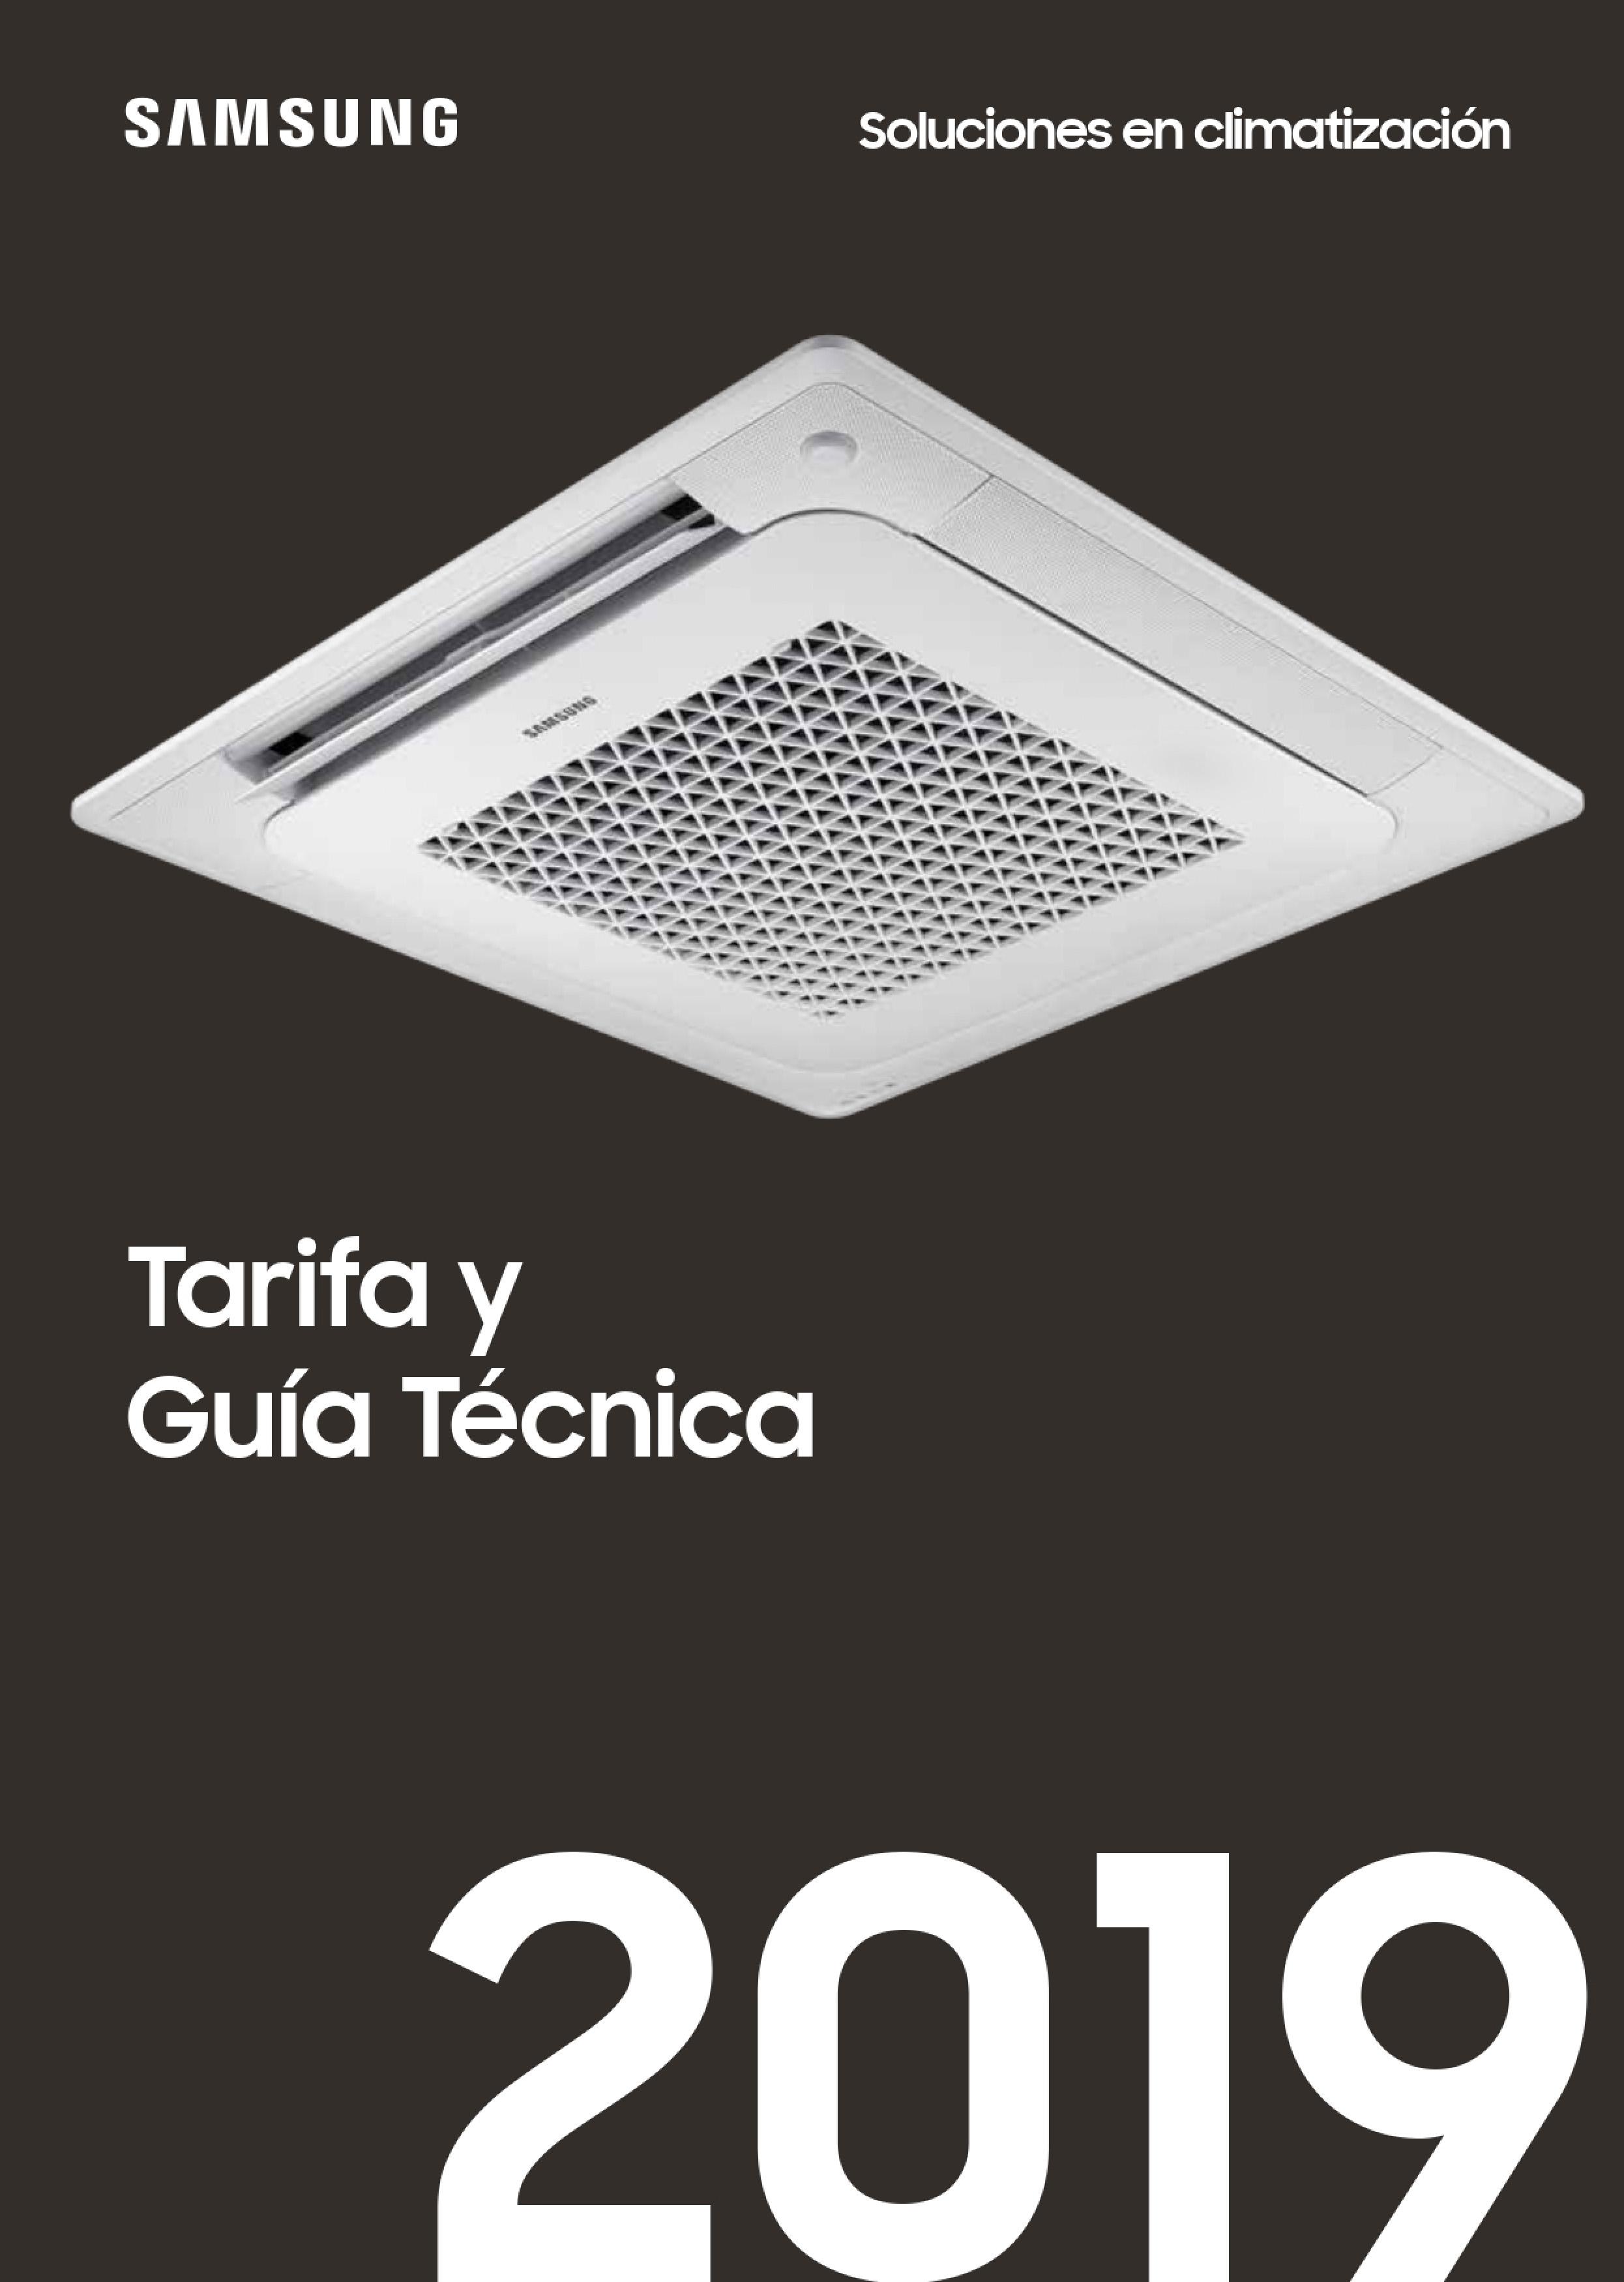 Tarifa SAMSUNG 2019 aire acondicionado